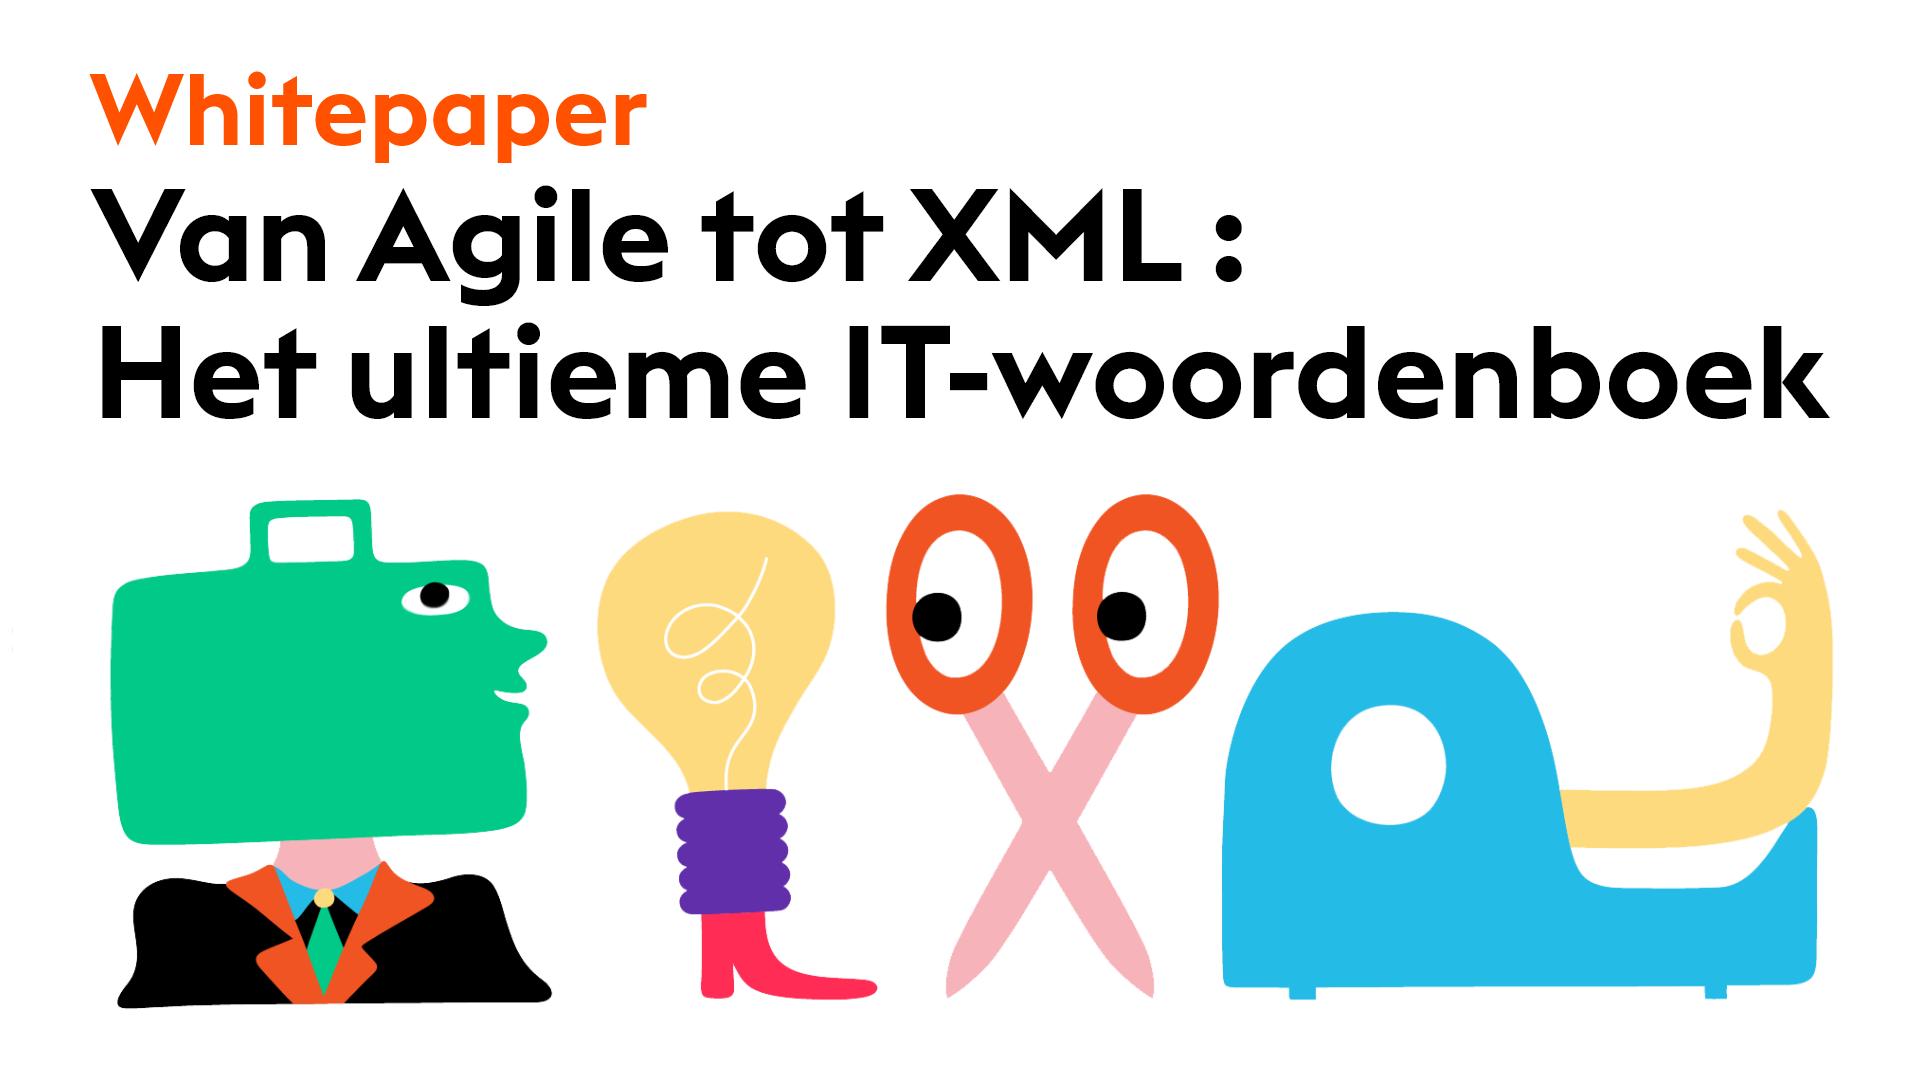 Whitepaper Van Agile tot XML